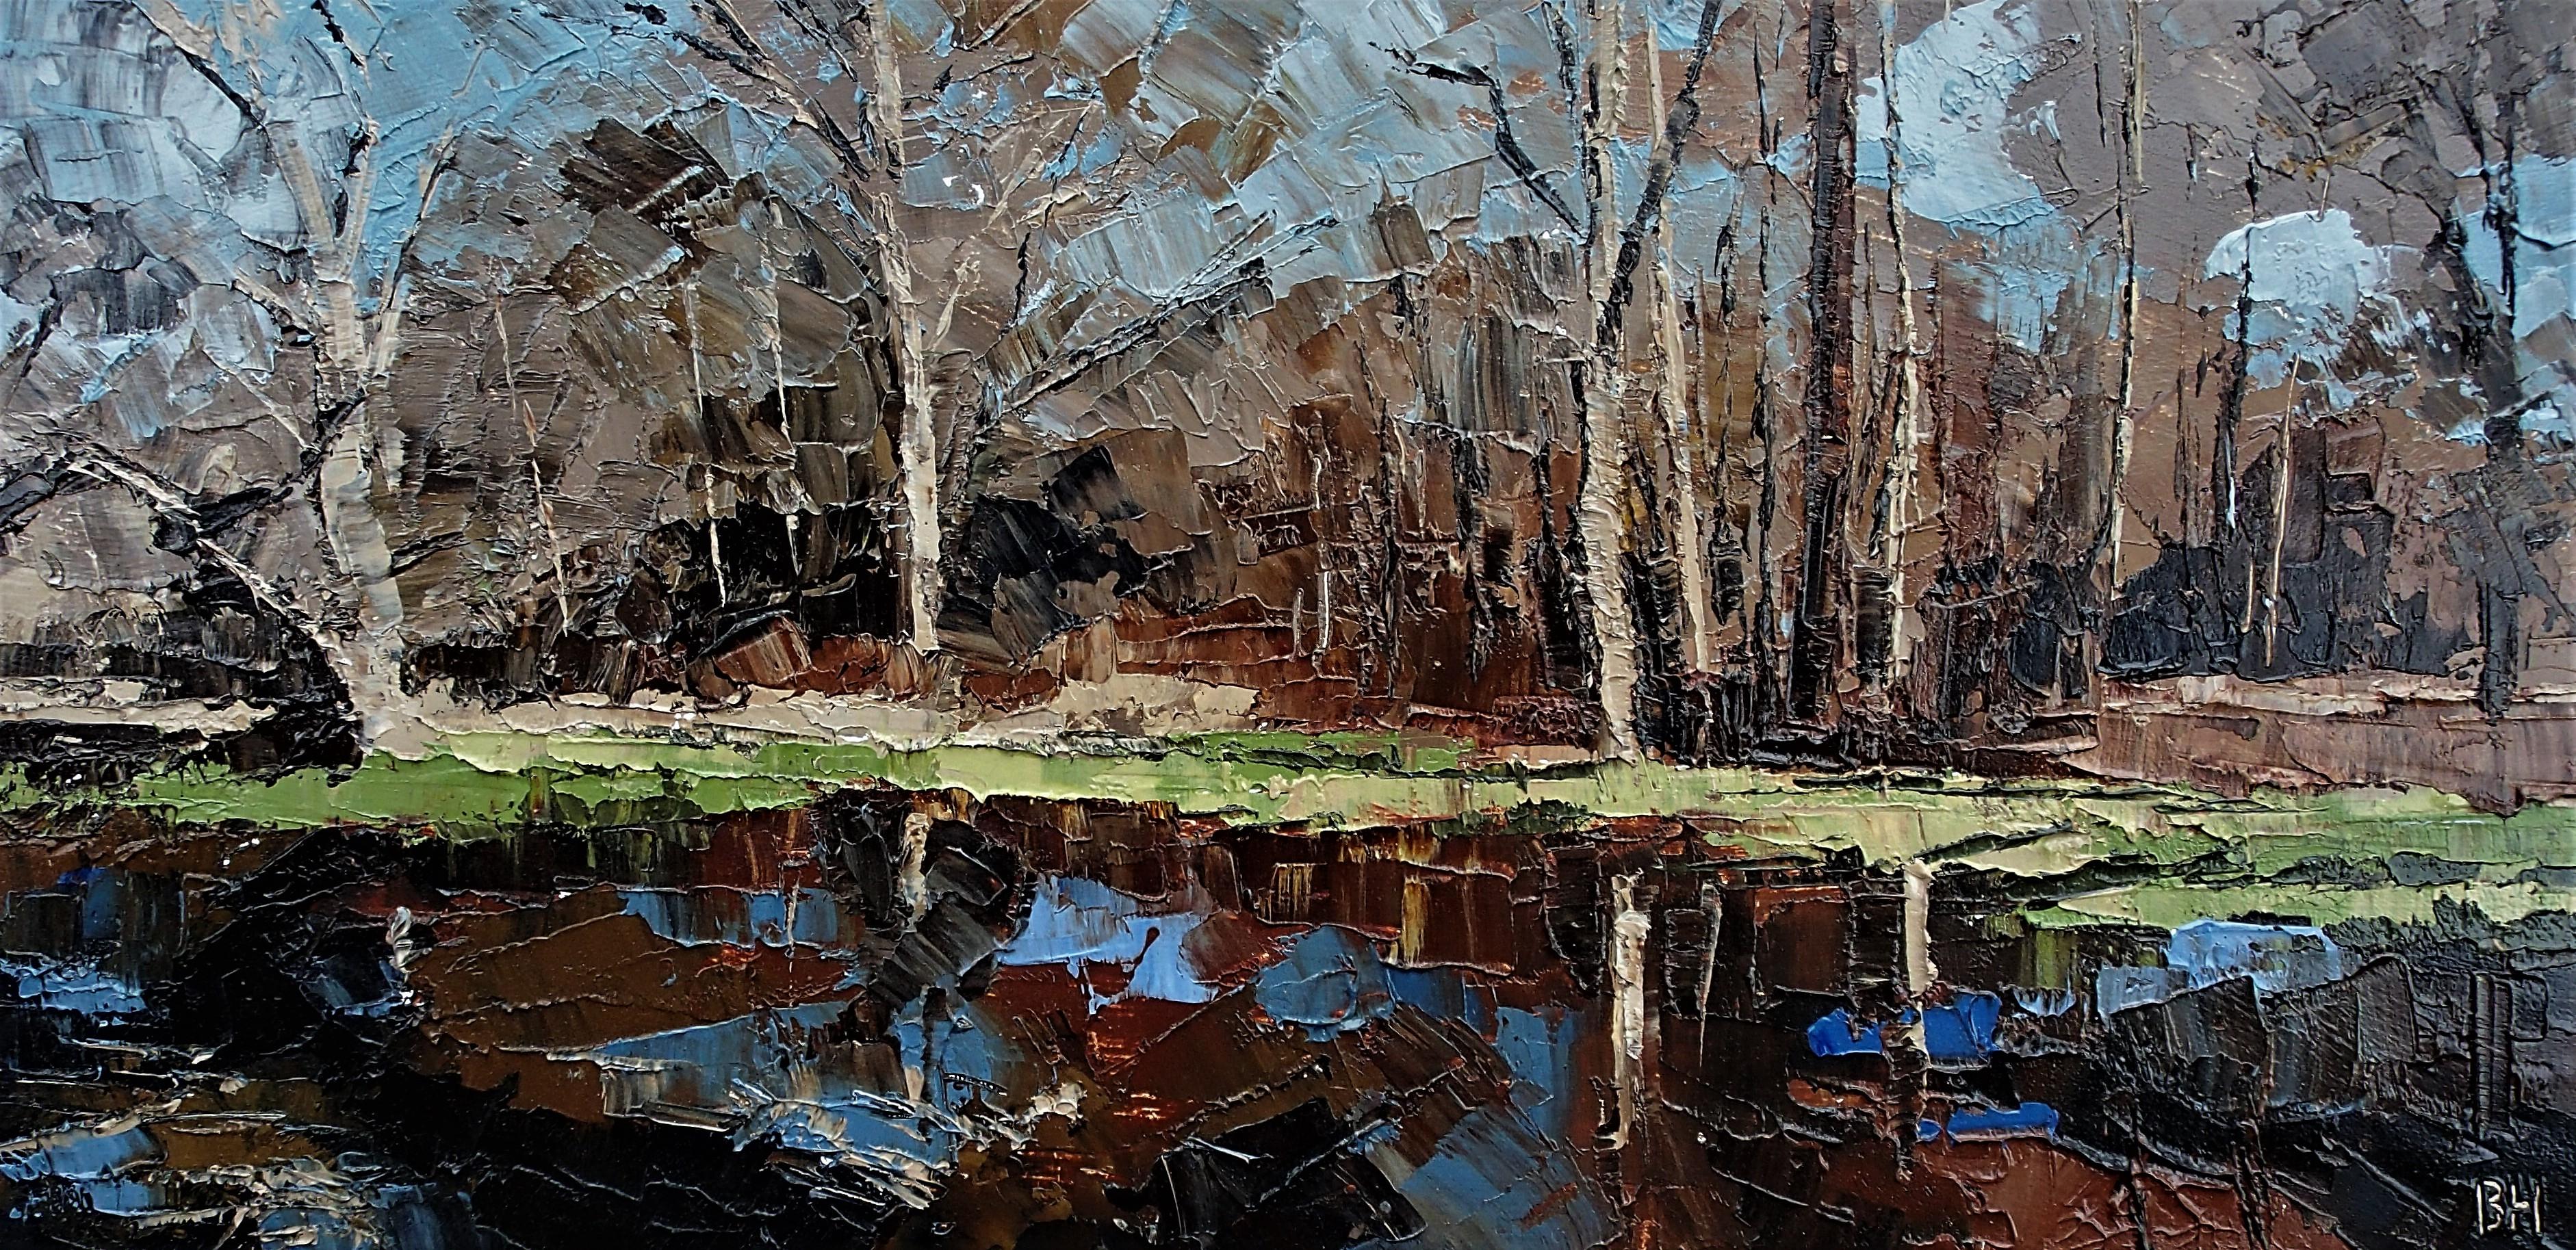 Pond at Ashridge